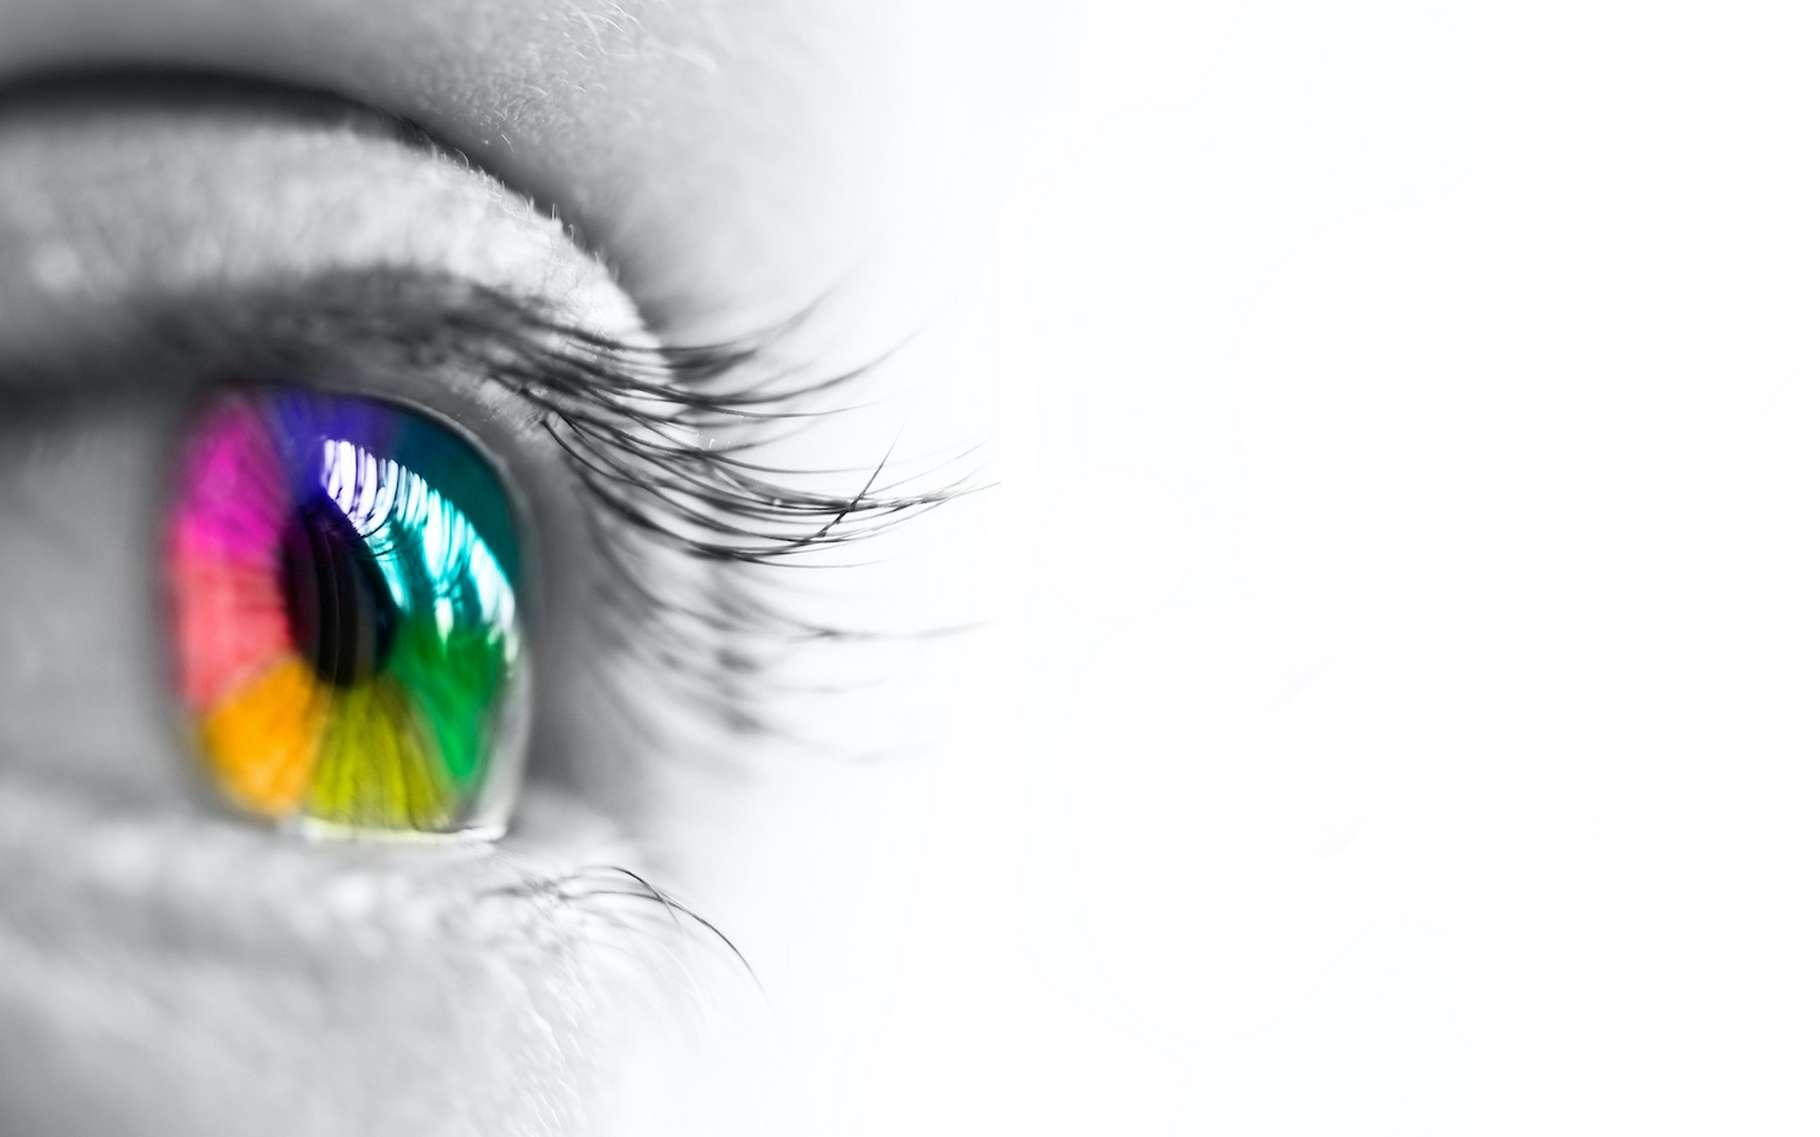 Dans le domaine des infrarouges, il est des « couleurs » que l'œil humain ne peut pas distinguer. Une caméra développée par des chercheurs de l'université de Tel-Aviv (Israël) peut l'y aider. © Delphotostock, Adone Stock